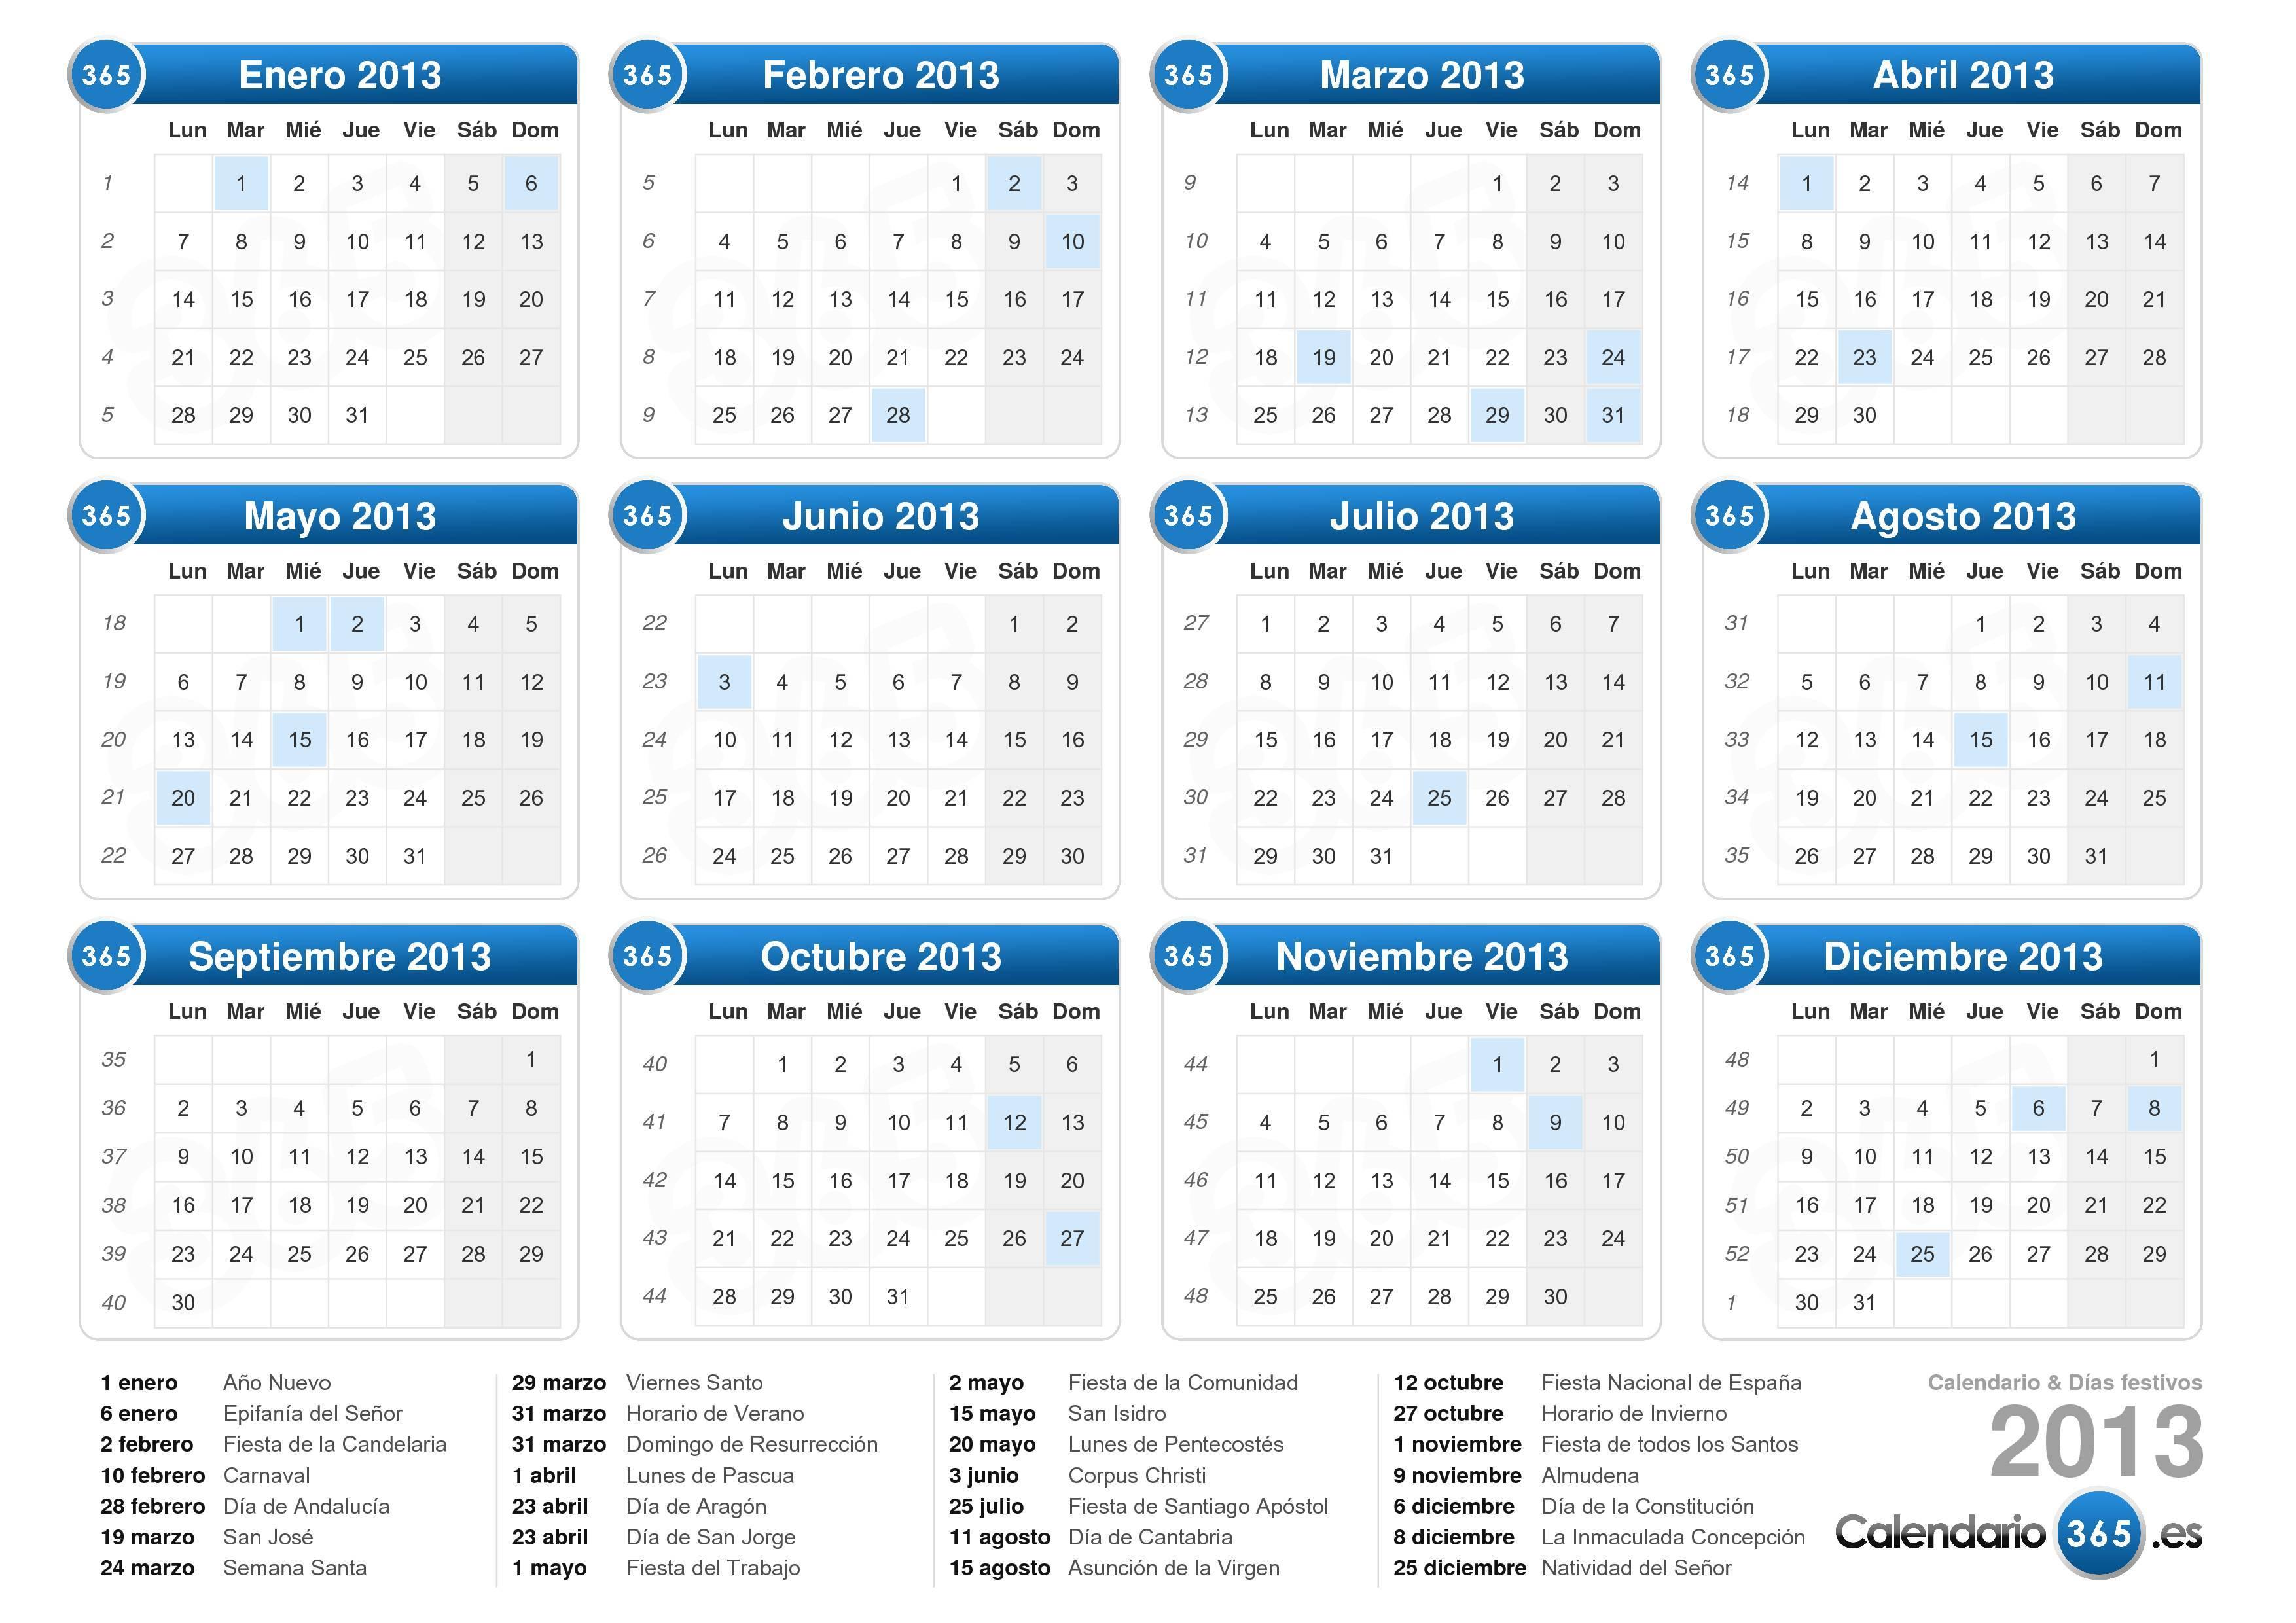 Descargue el calendario con días festivos 2013 para imprimir.